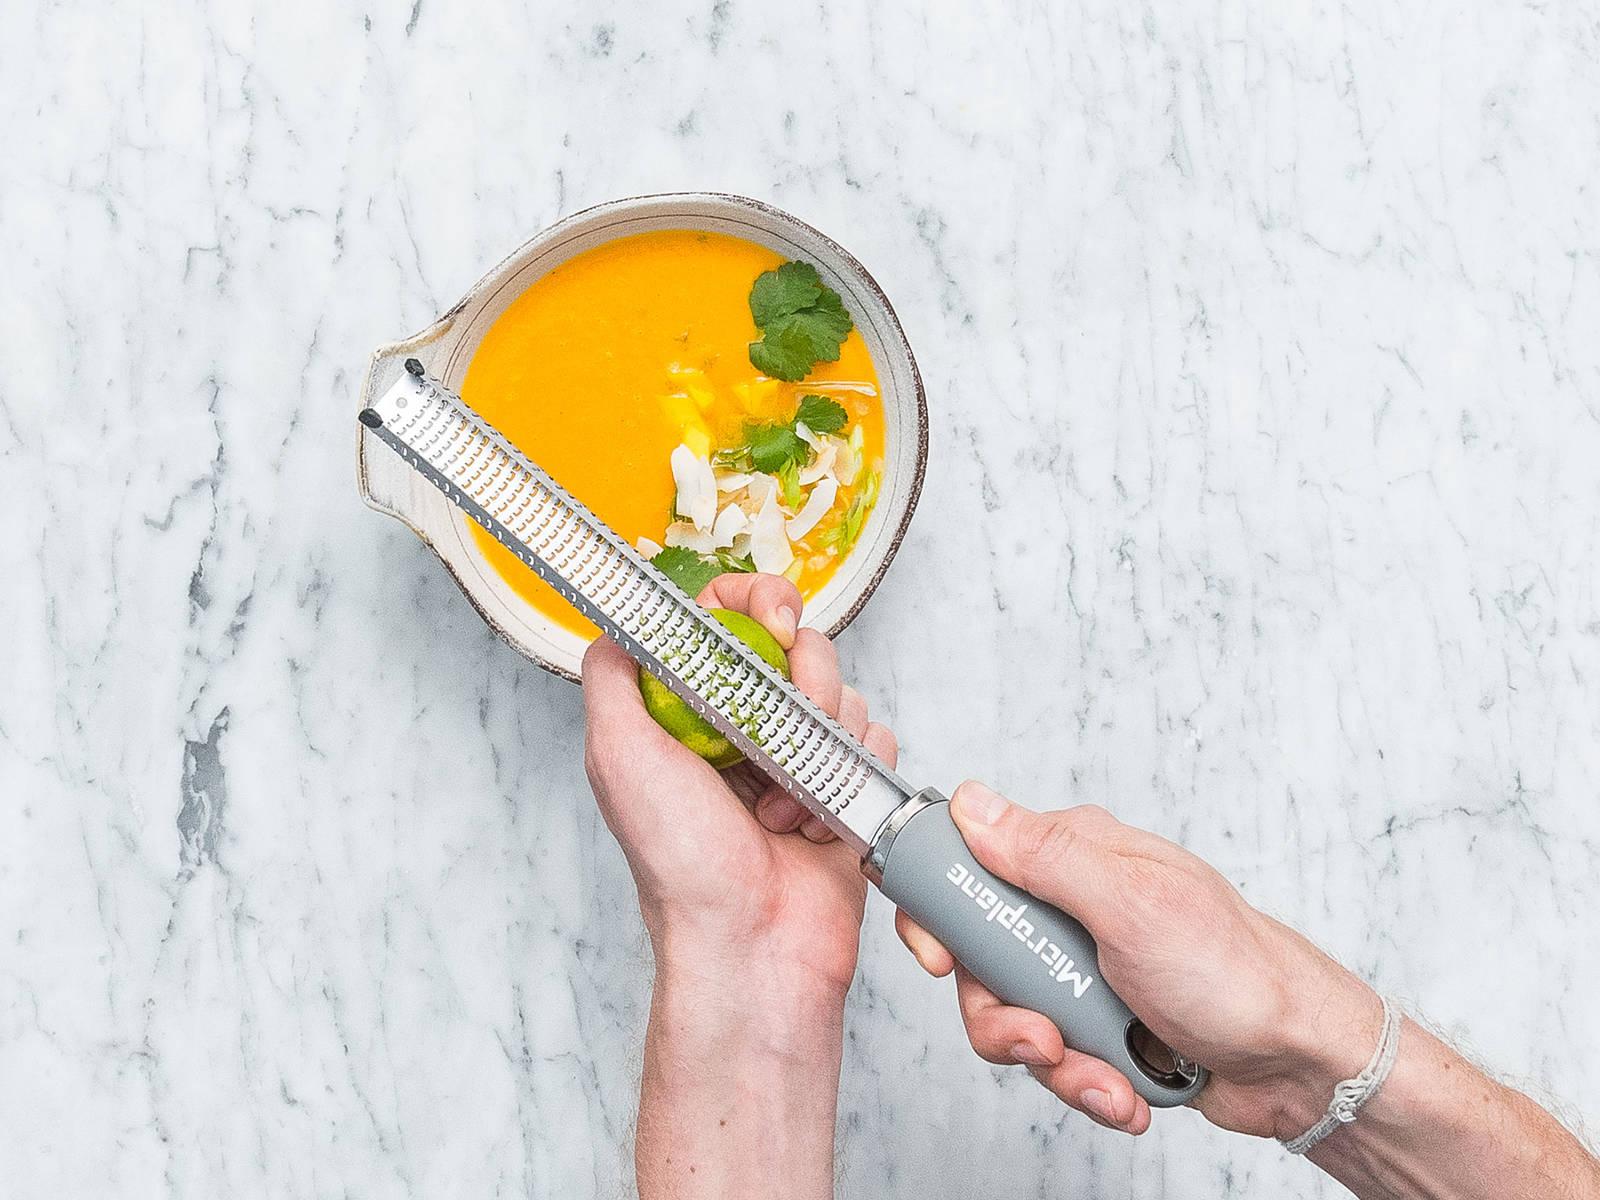 在煎锅中放入椰子片,中火烘烤,直至椰子片稍微变棕色。将汤倒入碗中,饰以芒果丁、烤椰子片、葱末、香菜末和青柠皮碎。尽情享用吧!